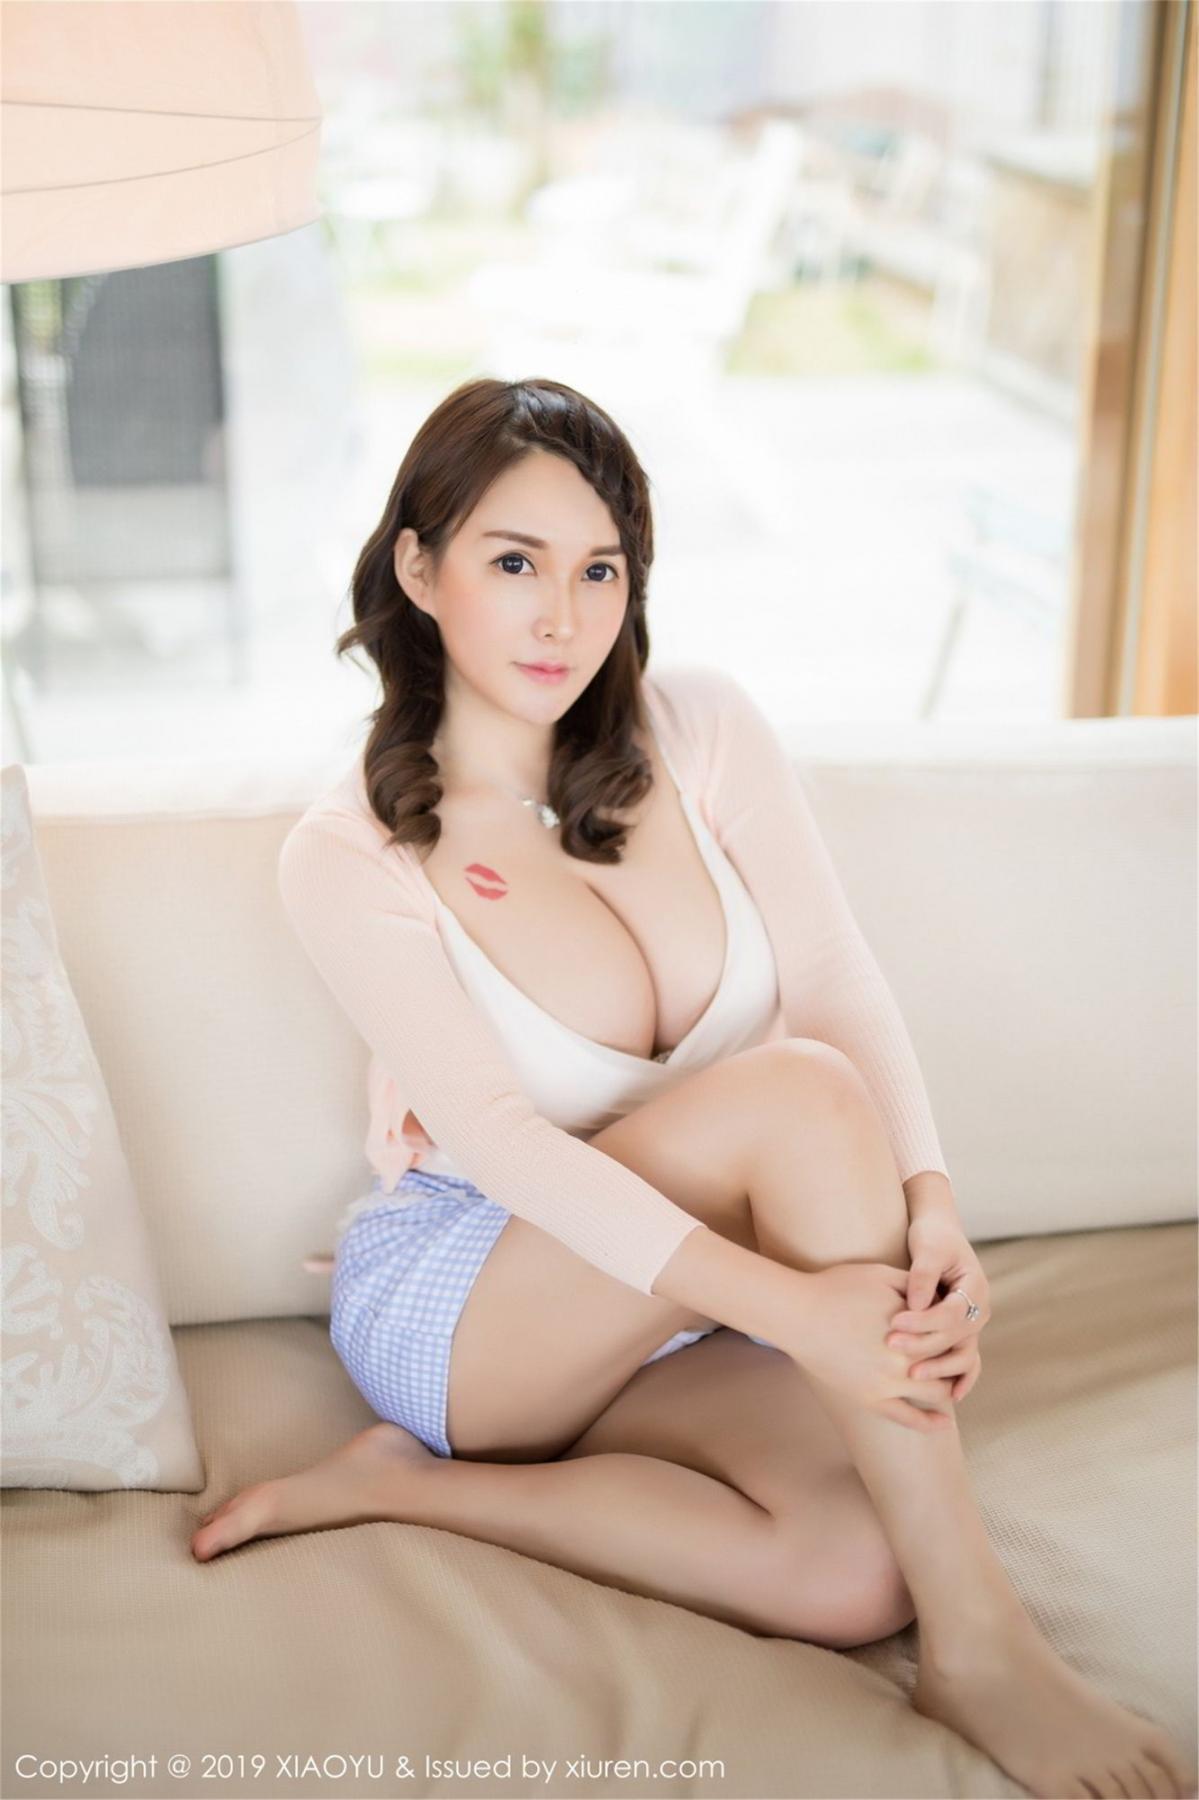 [XiaoYu] Vol.080 Shen Mi Tao 30P, Shen Mi Tao, XiaoYu